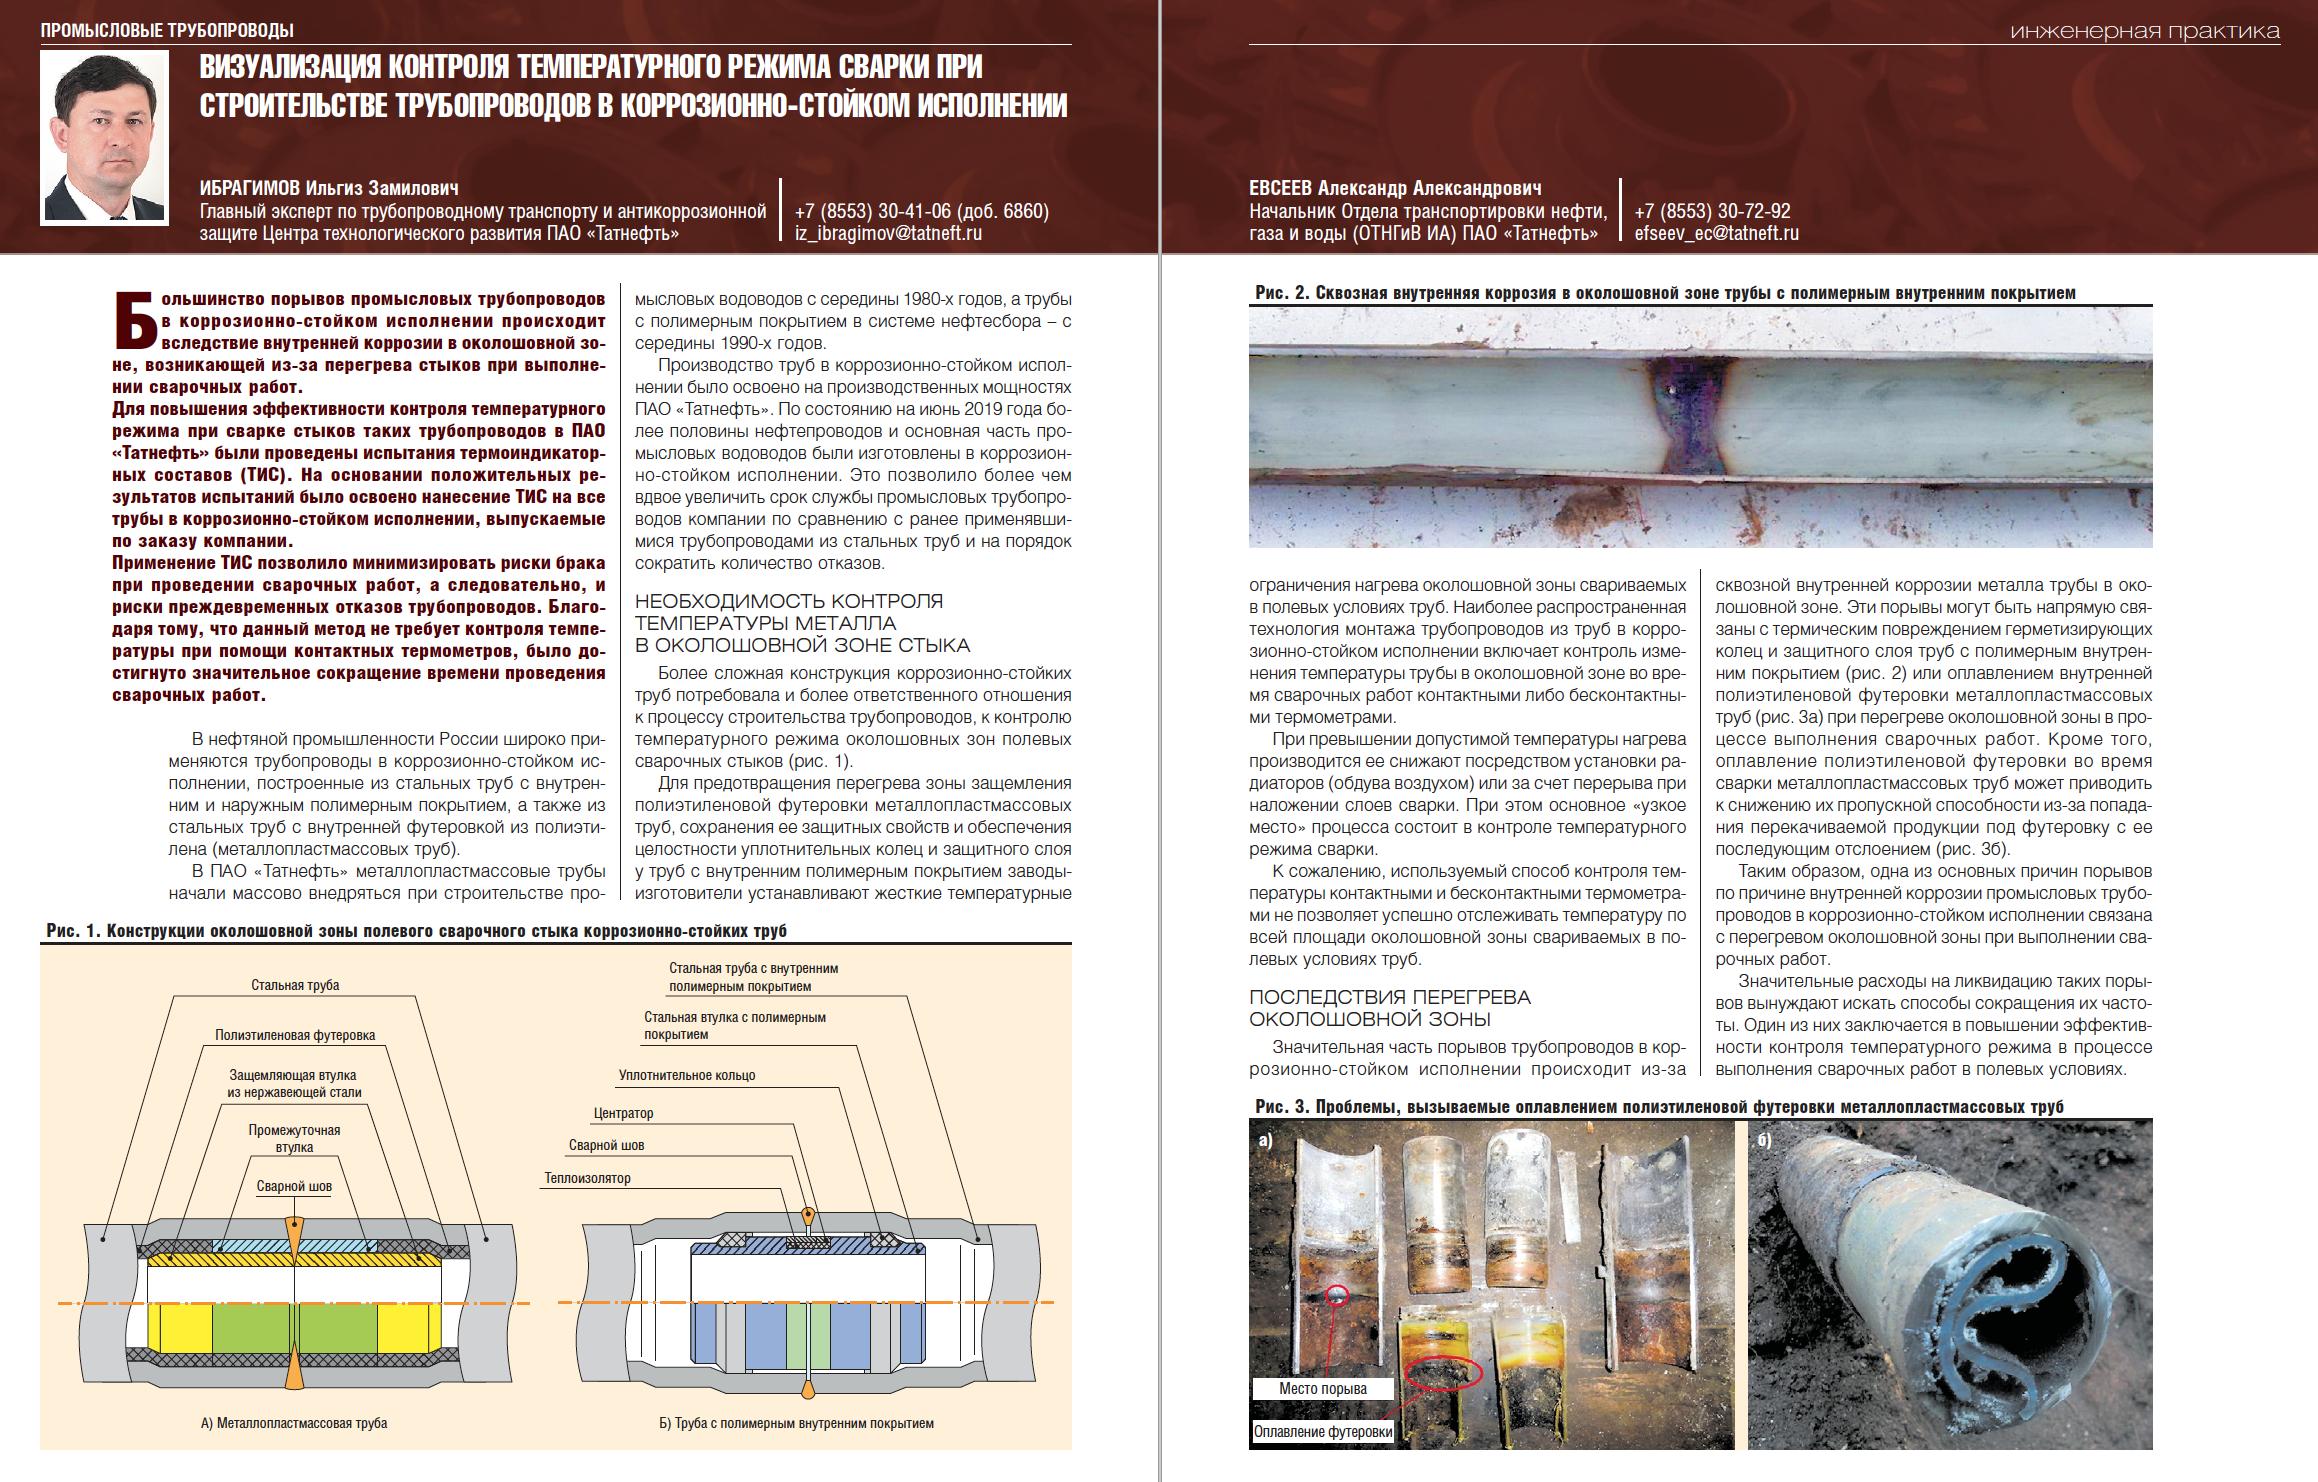 32237 Визуализация контроля температурного режима сварки при строительстве трубопроводов в коррозионно-стойком исполнении